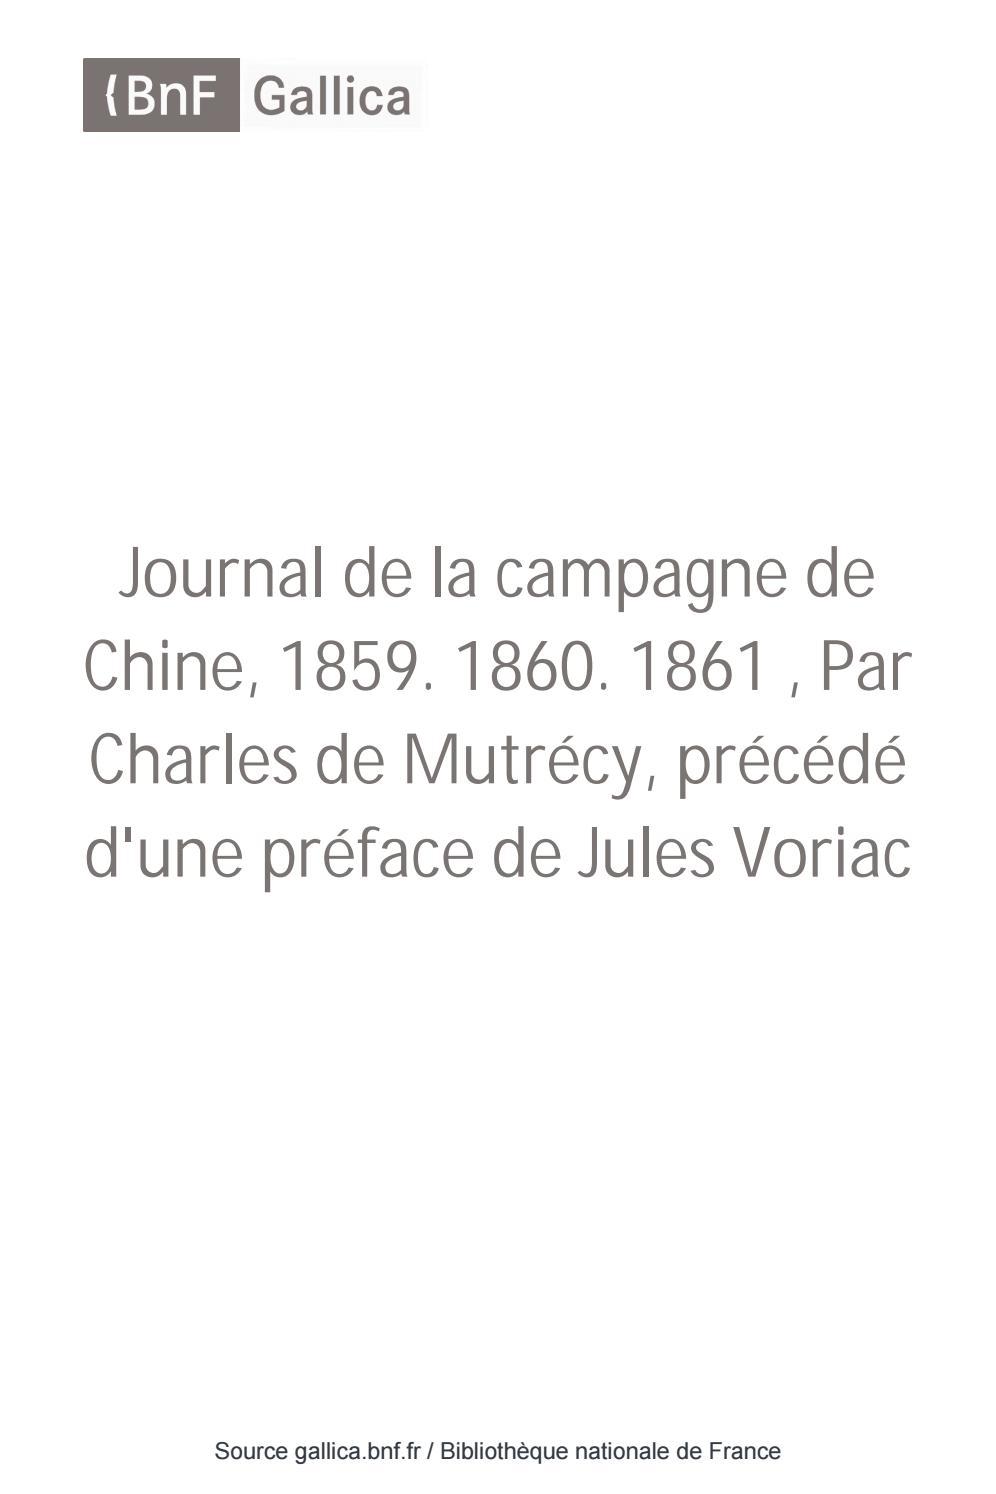 Journal de la campagne de Chine, 1859. 1860. 1861 - T 1 by ...